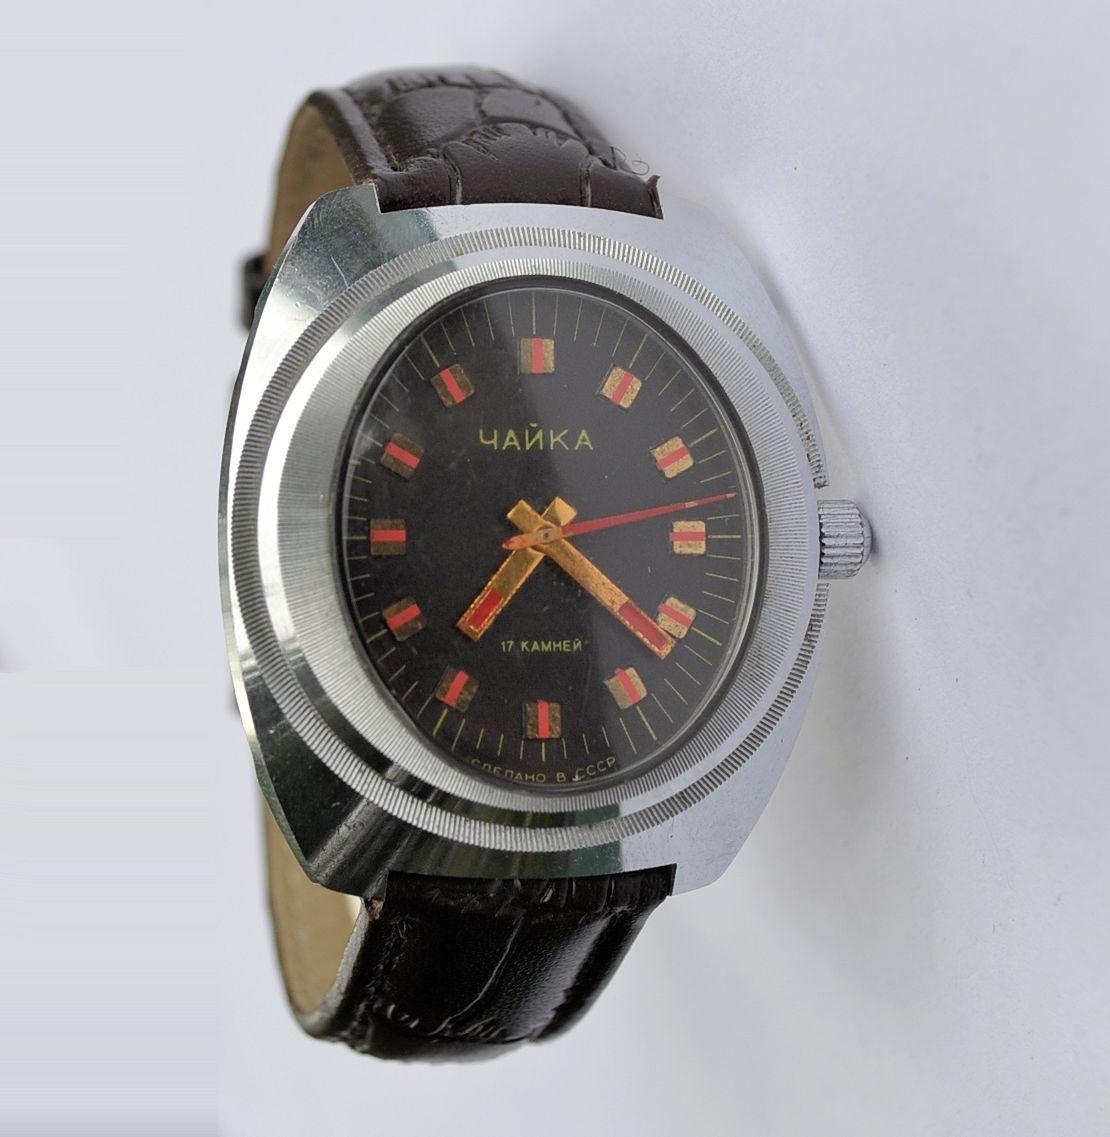 Ссср часы продать чайка часы старые заложить